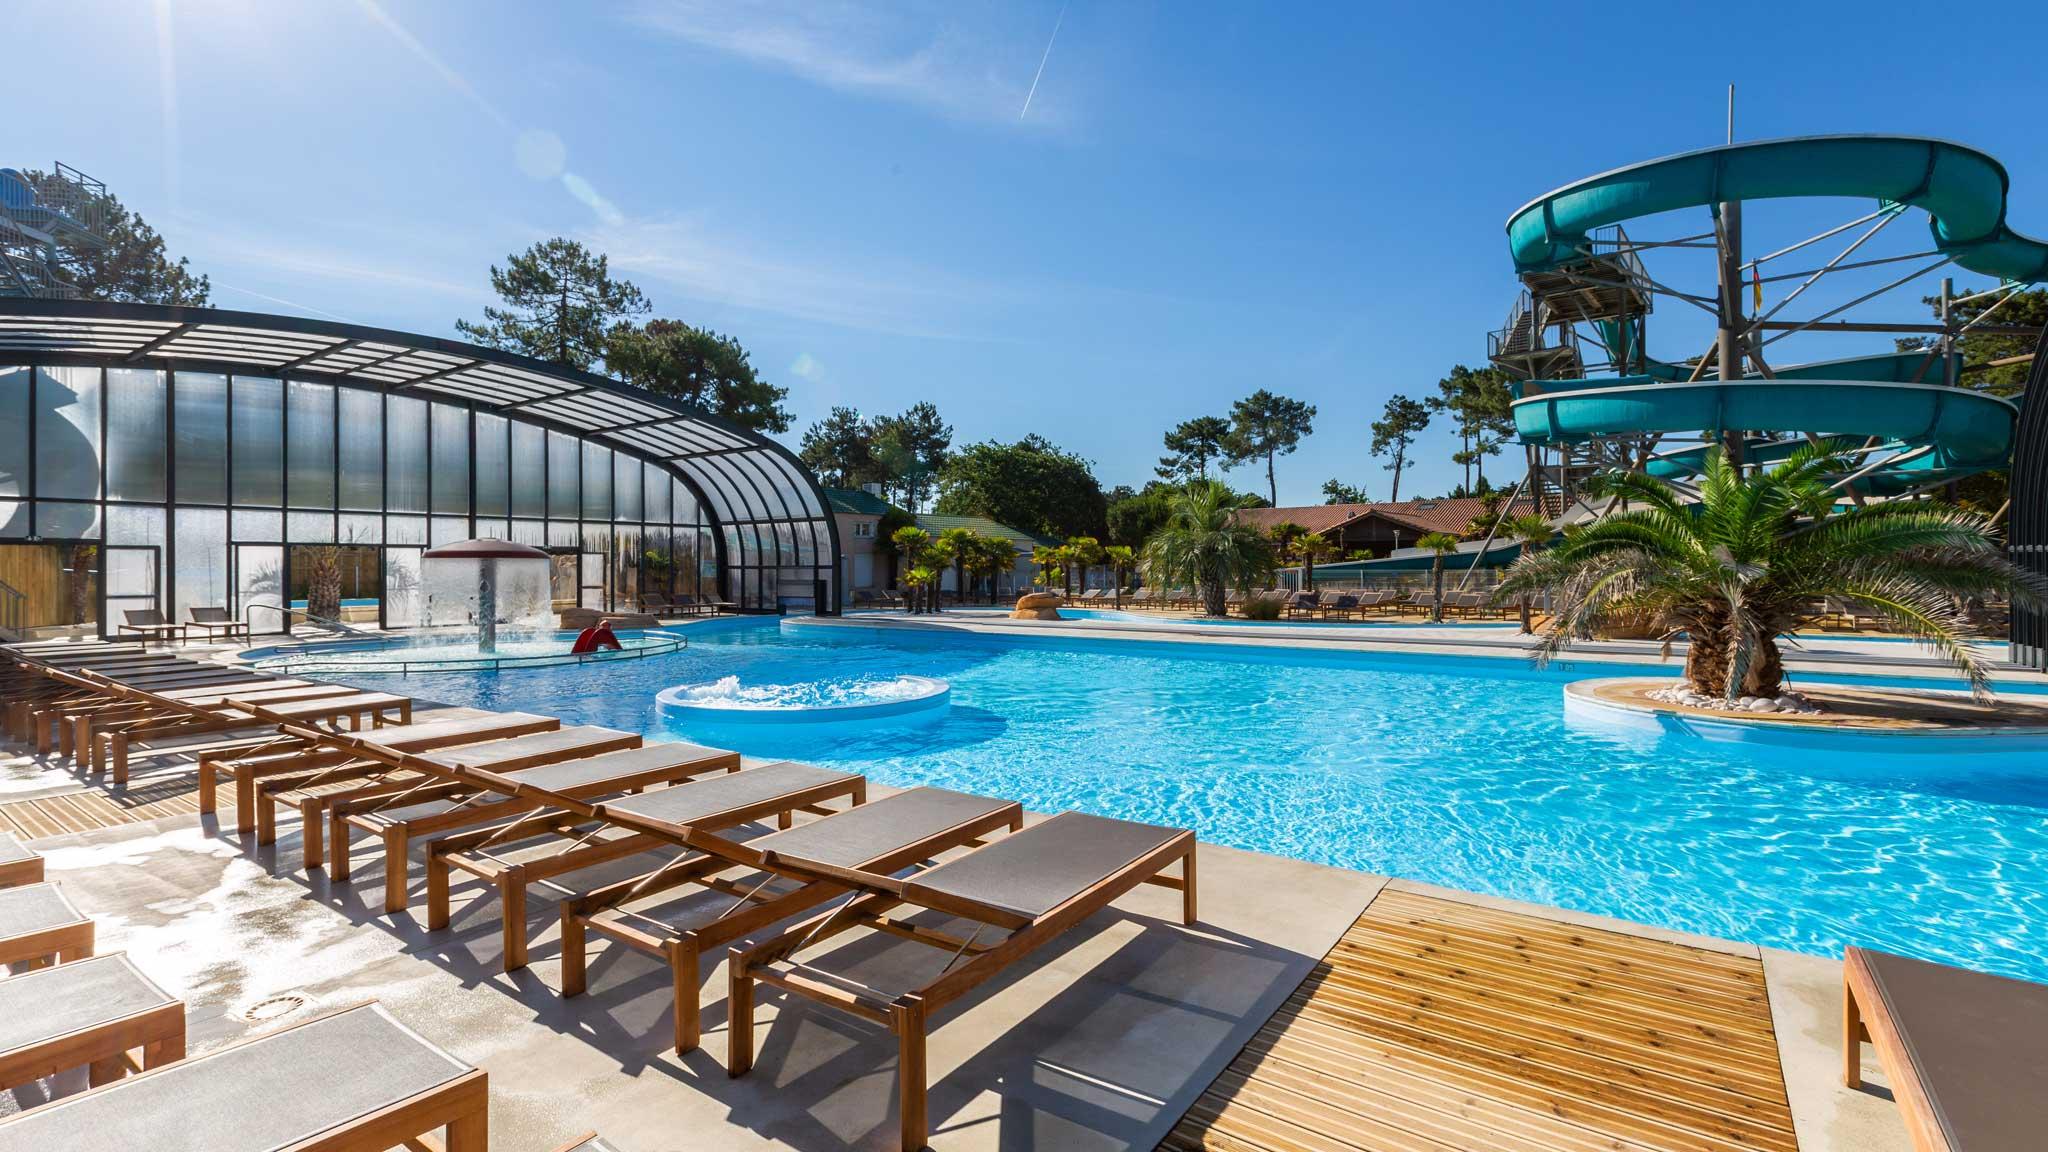 Vos Vacances En Camping Par Aloa : Séjour En Campings 3 À 5 ... encequiconcerne Camping Biarritz Avec Piscine